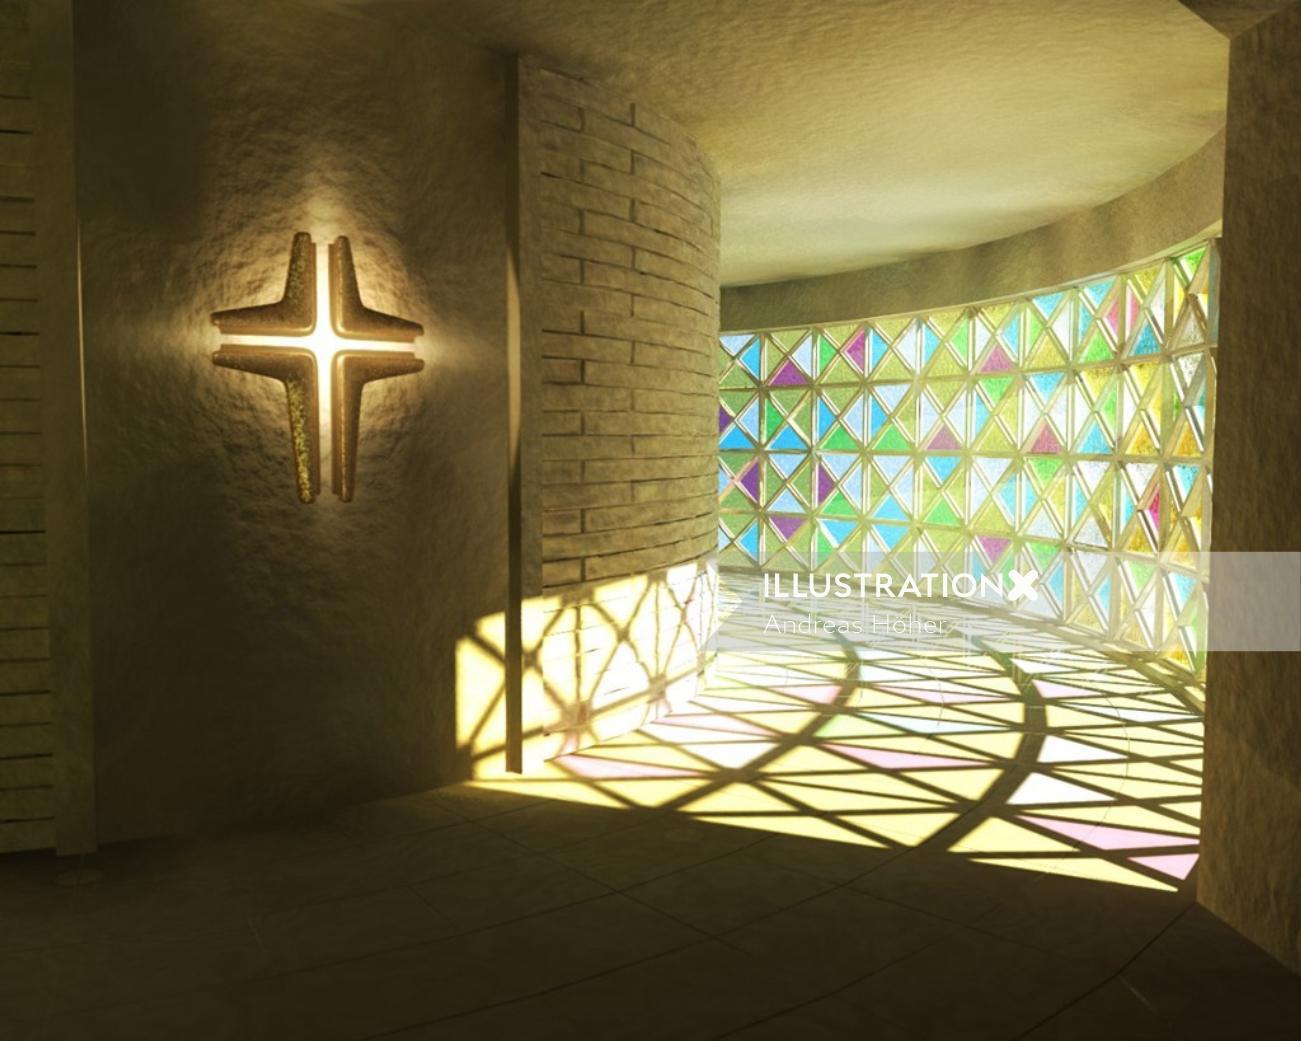 Architecture design of church